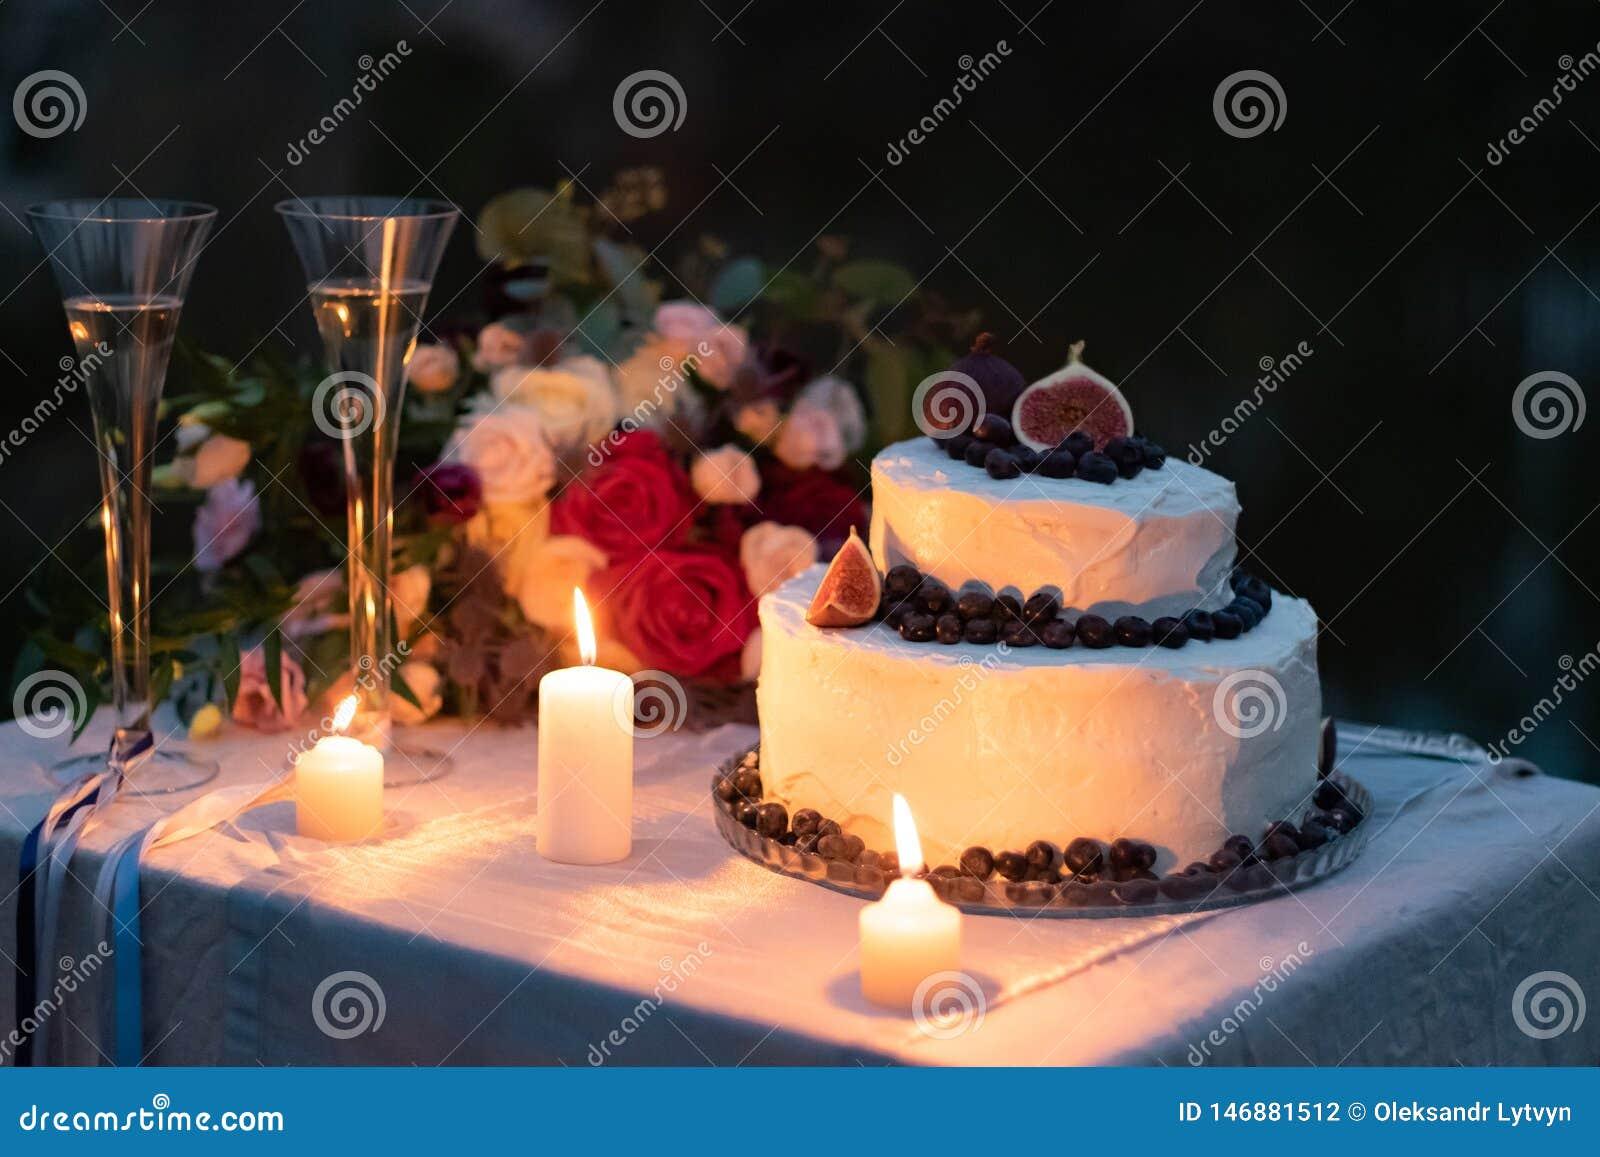 Decoraciones de la boda torta en el esmalte blanco con una decoración de arándanos y de higos en la tabla por la tarde con los vi